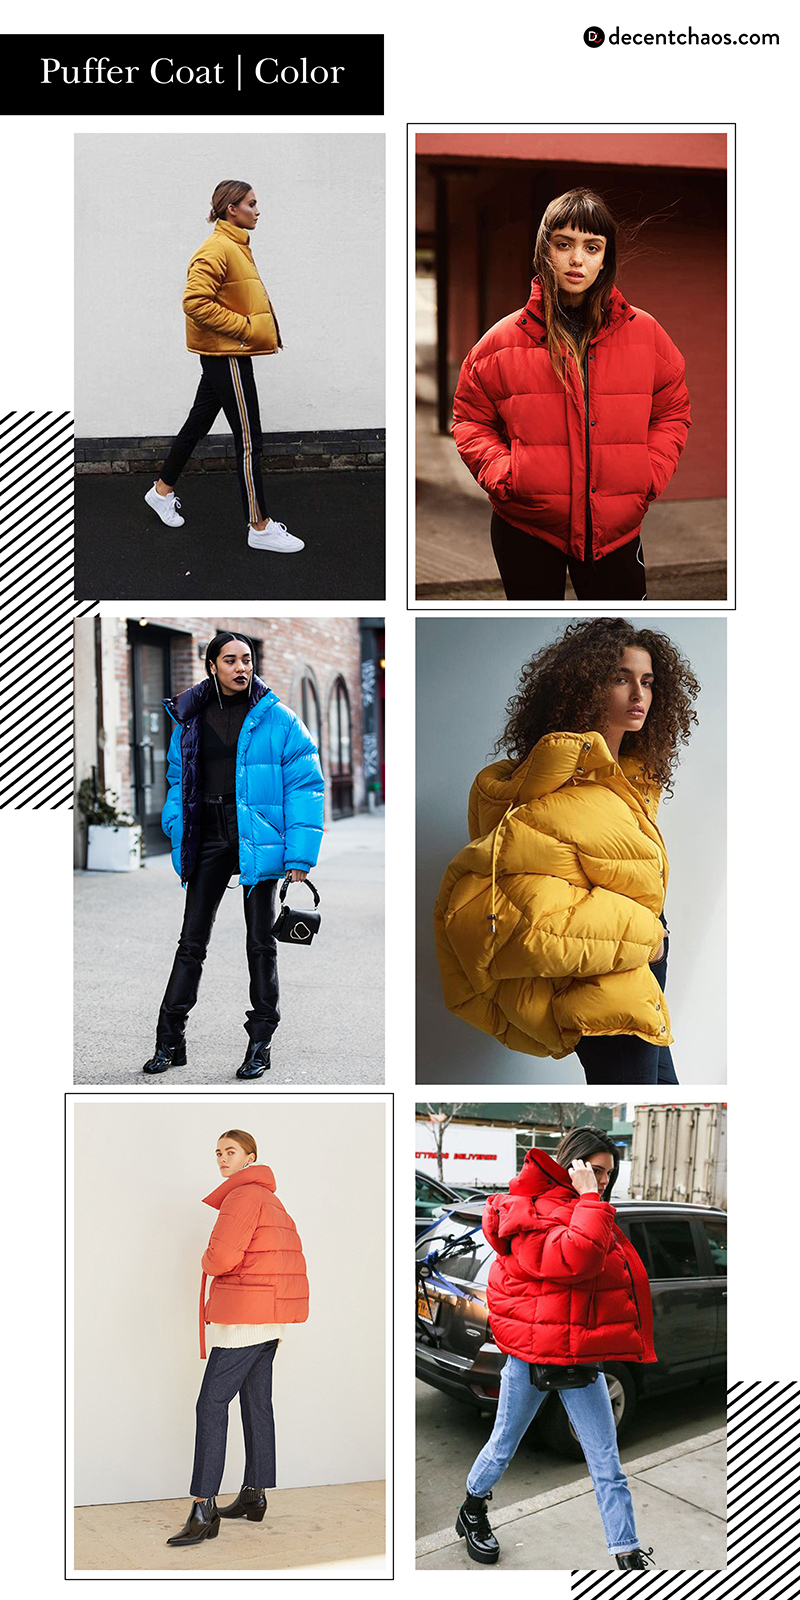 puffer-coat-saturated-colors.jpg